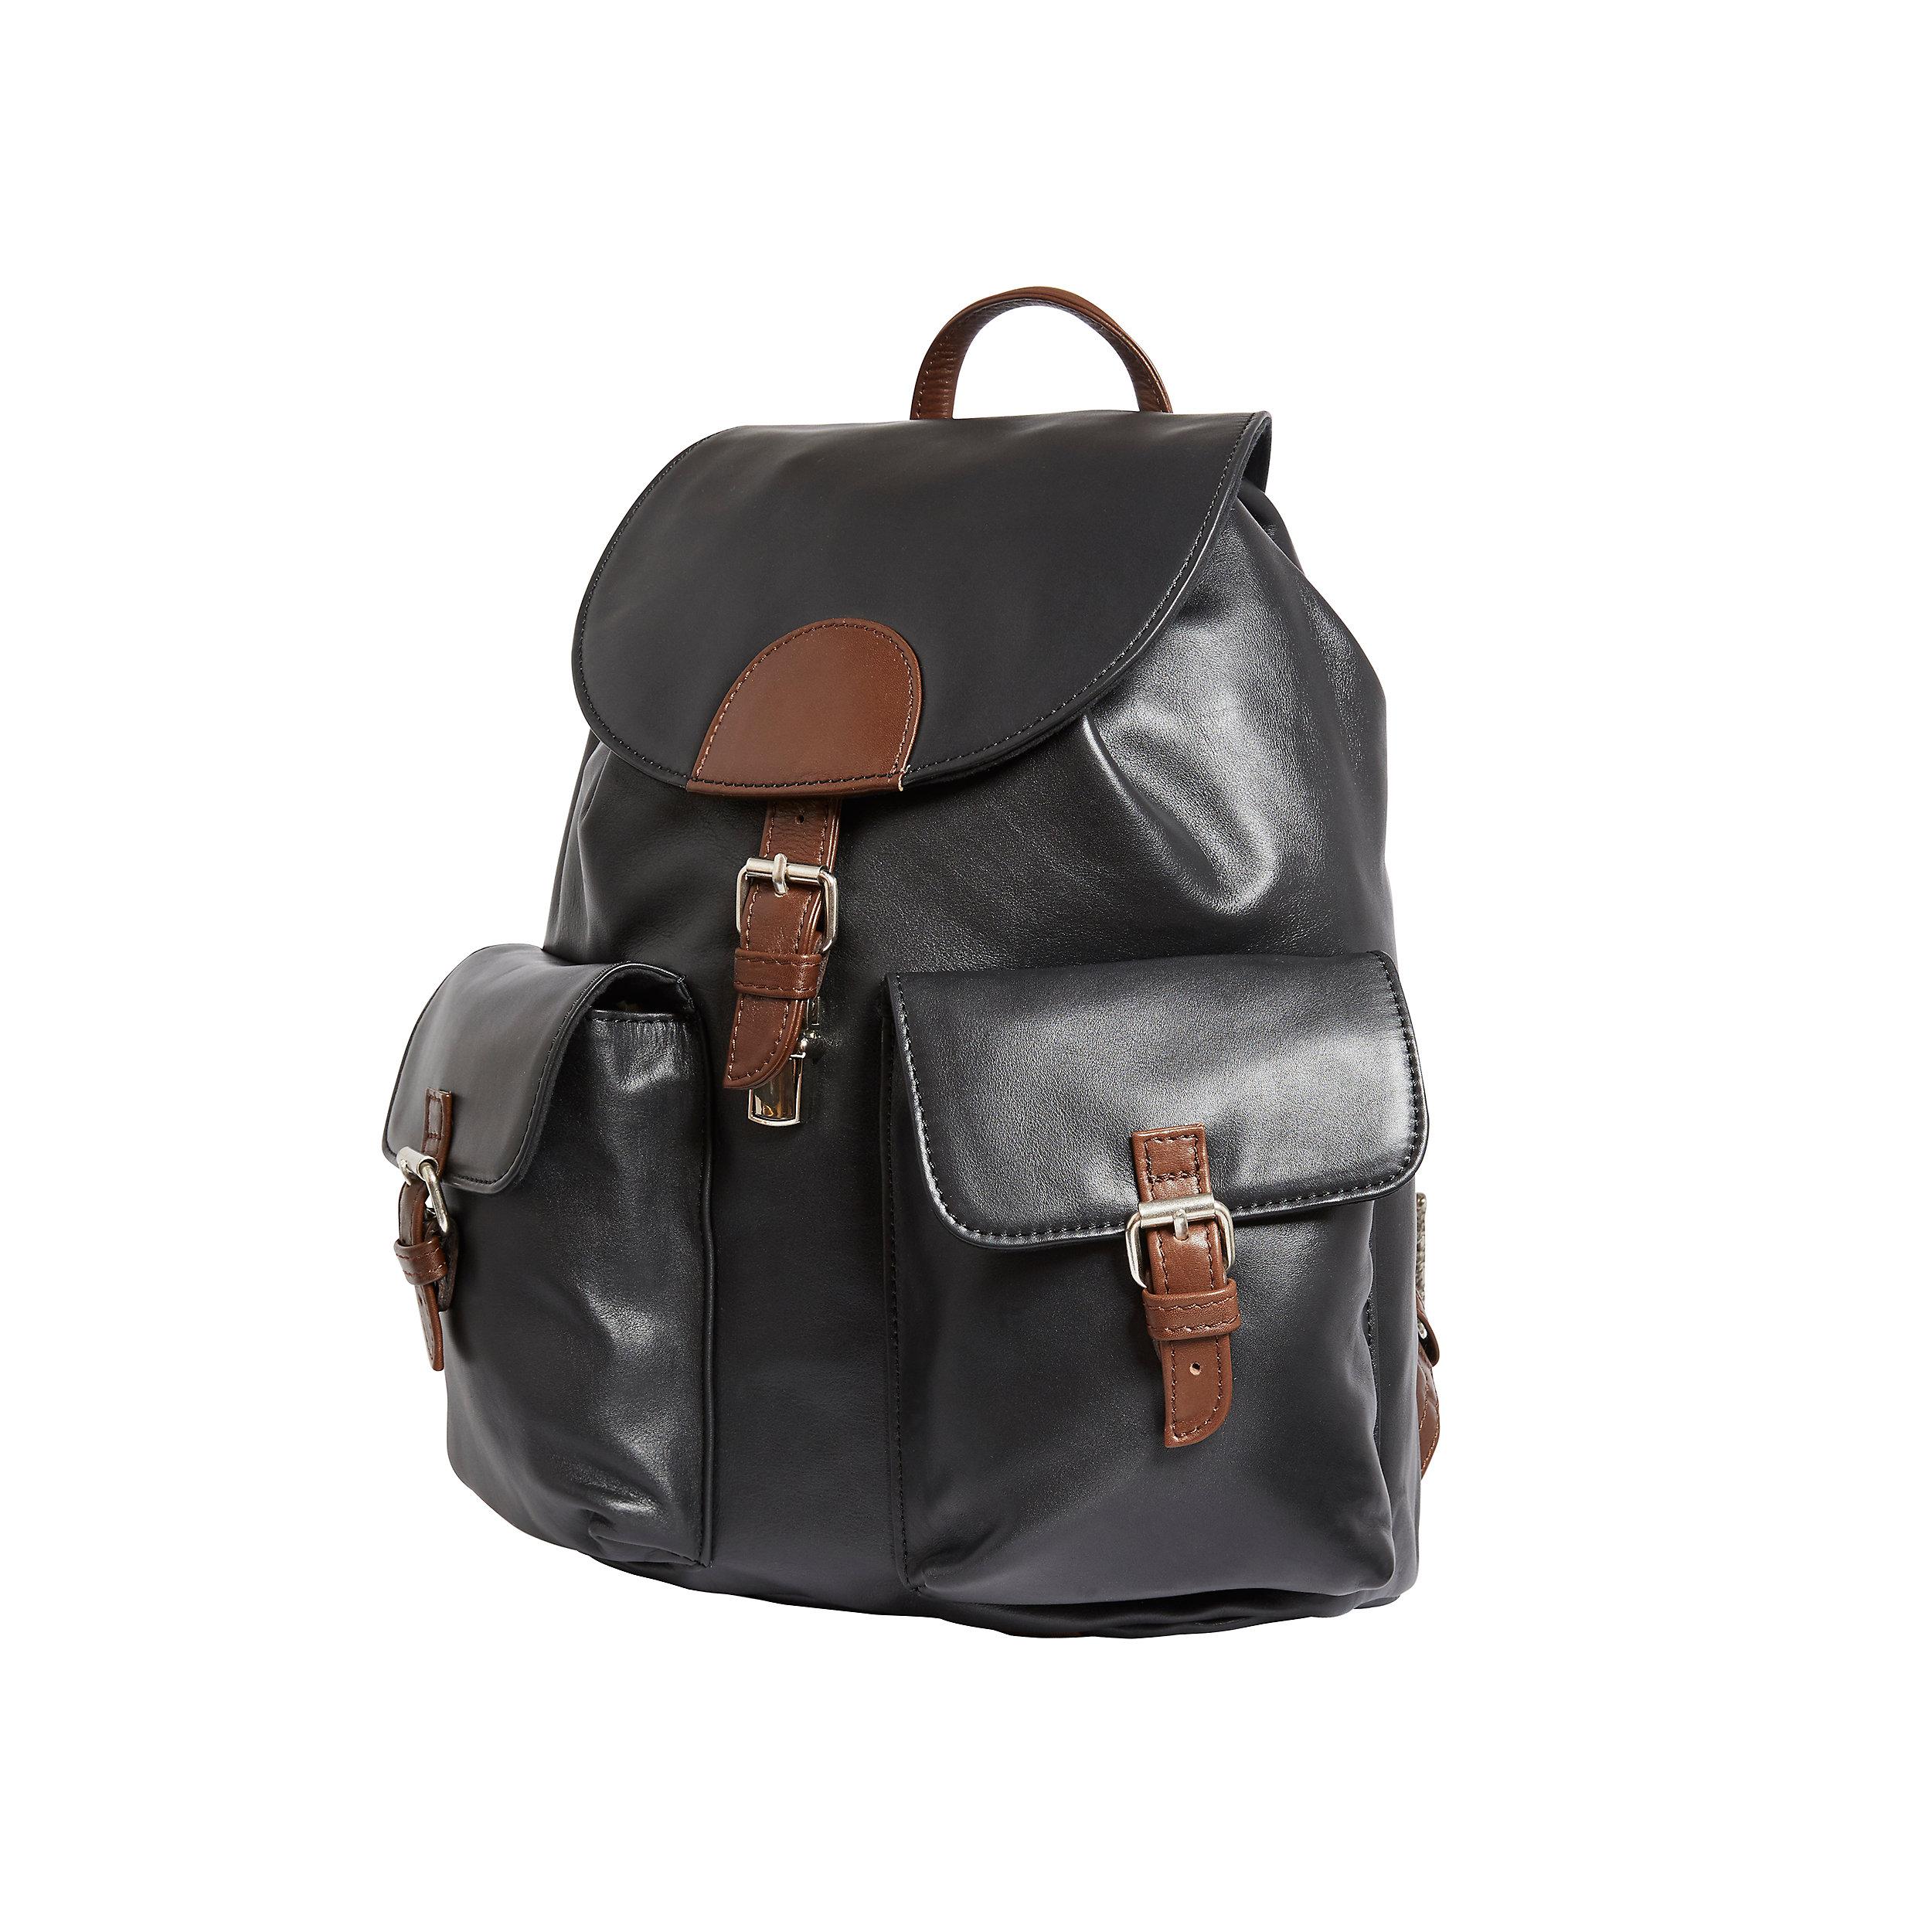 Rucksack mit Überschlag und 2 Frontfächern